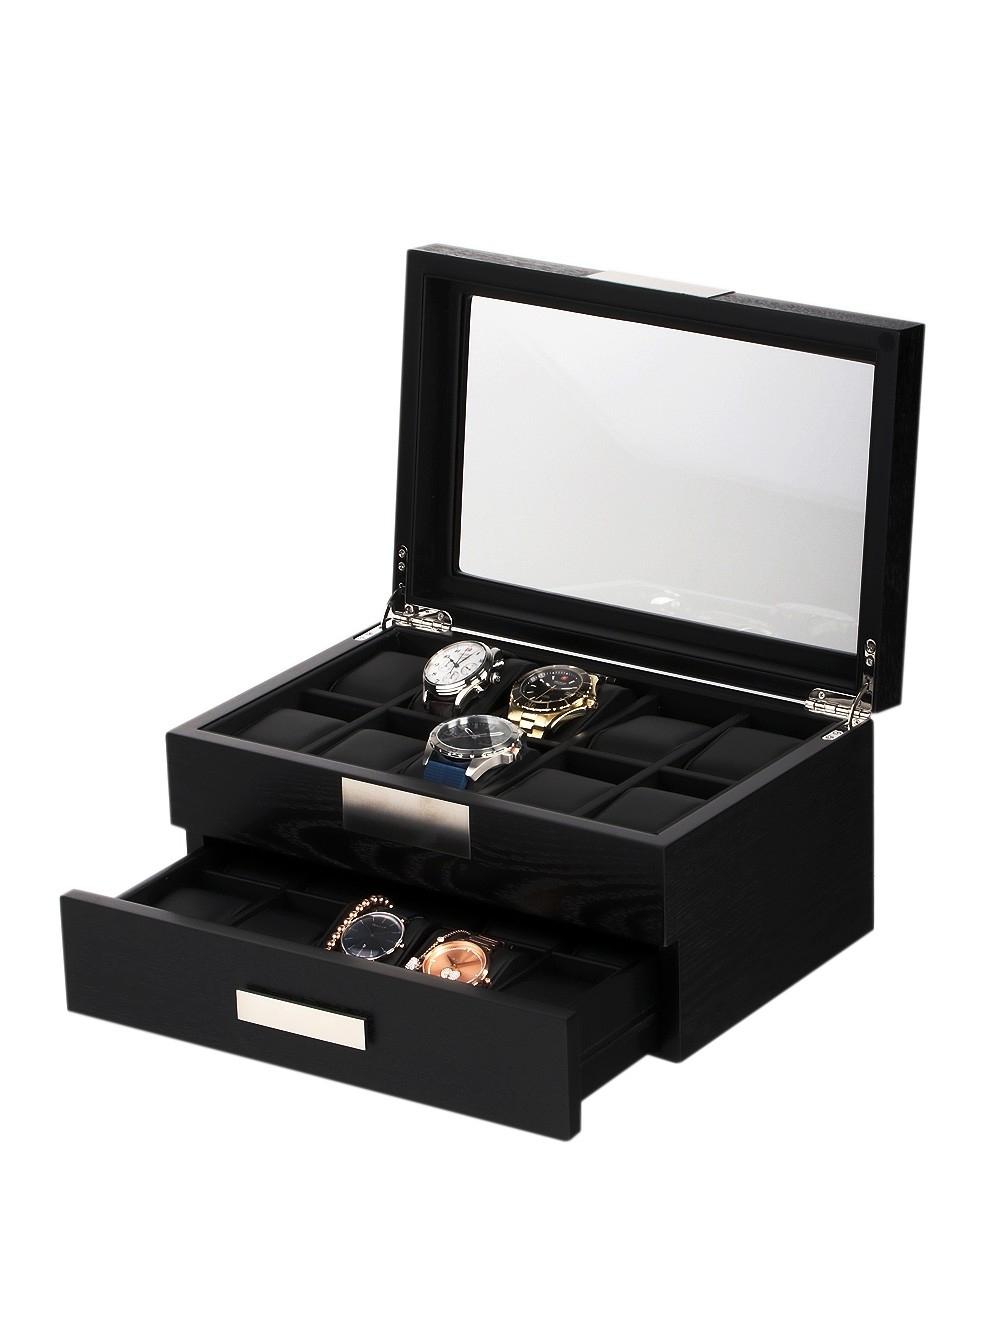 rothenschild uhrenbox rs-2350-20bl für 20 uhren black